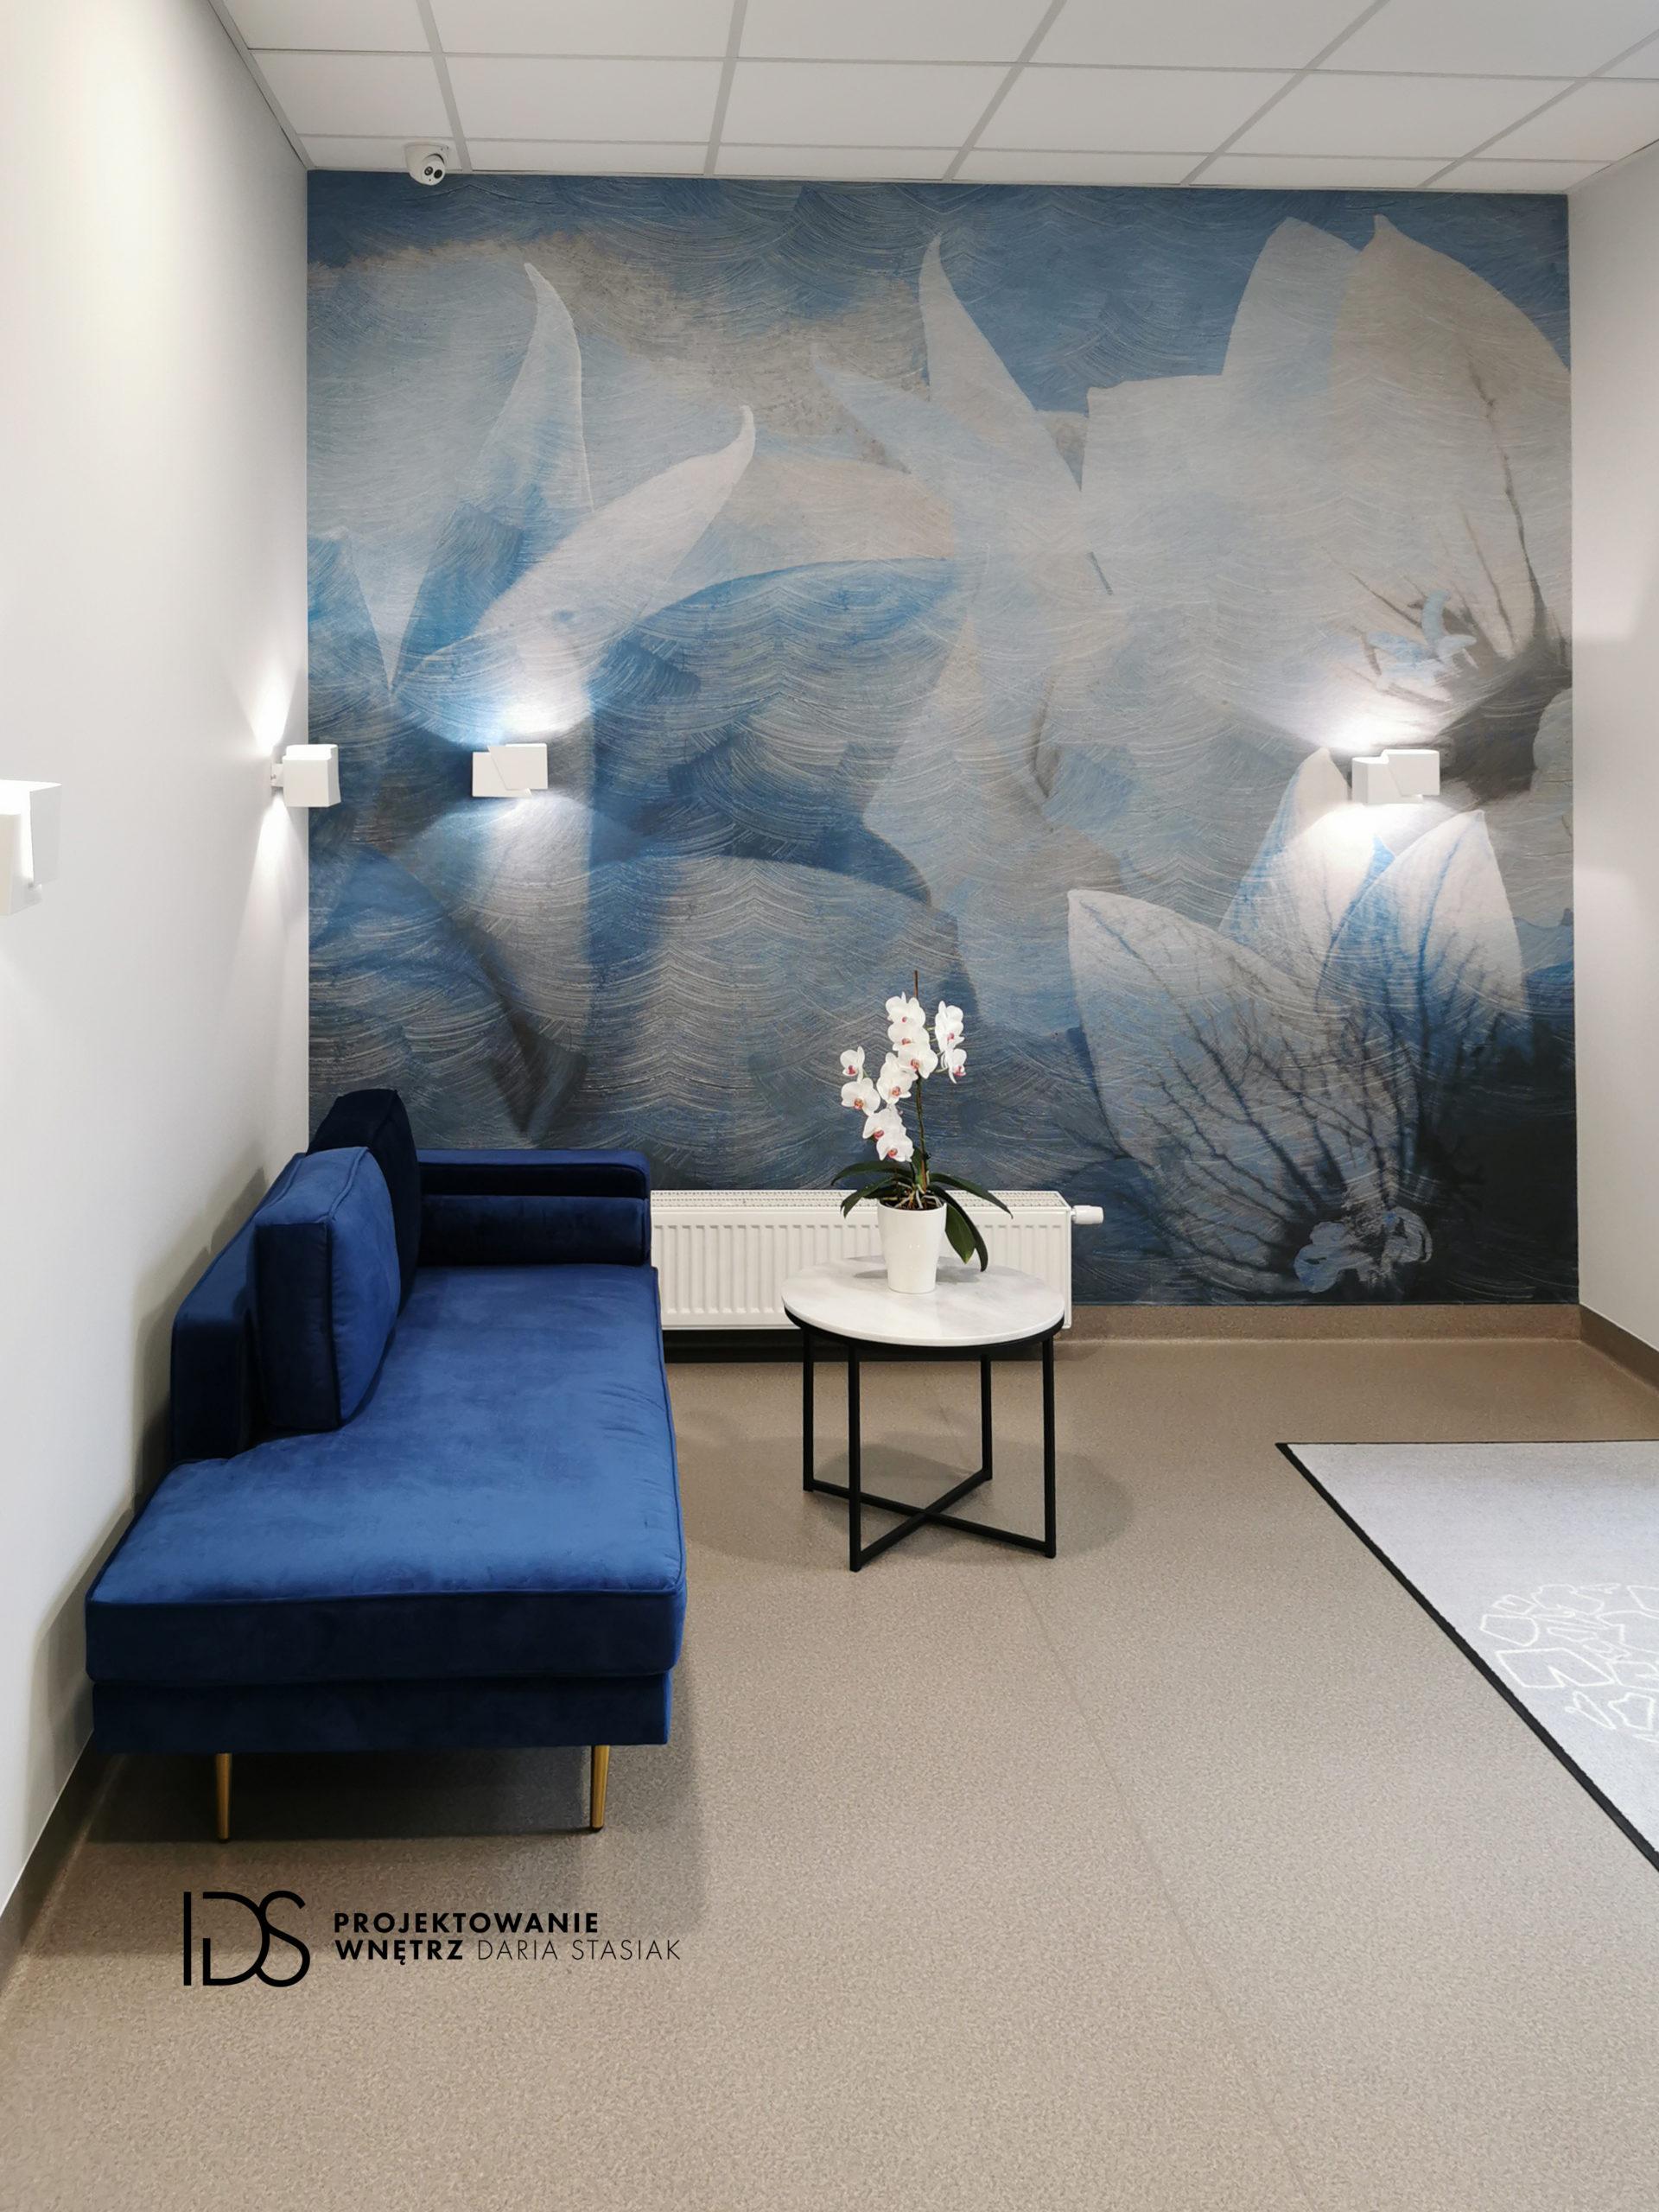 projektowanie wnętrz gdynia architekt wnętrz gdańsk nowoczesne wnętrza trójmiasto pięnie mieszkaj sopot nieruchomośc władysławowo wymarzony dom (7)